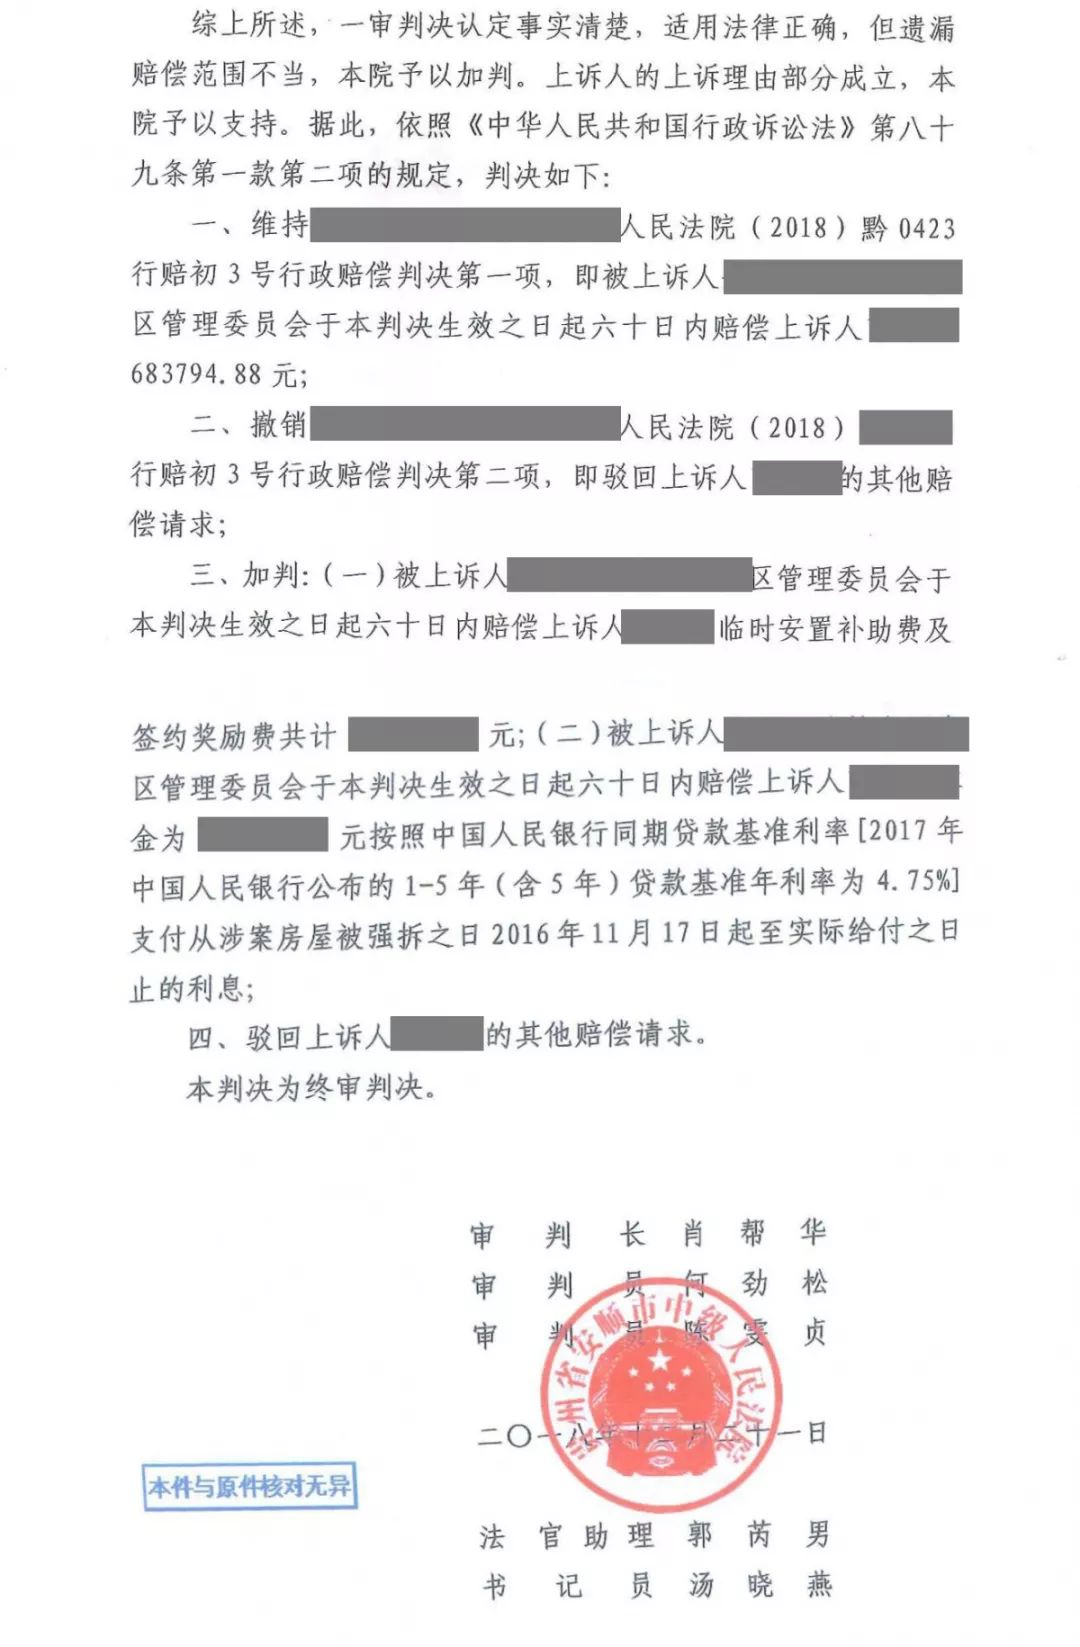 【圣运第1614起胜案】贵州拆迁案例:安置补偿不合理,圣运律师助力维护合法权益!